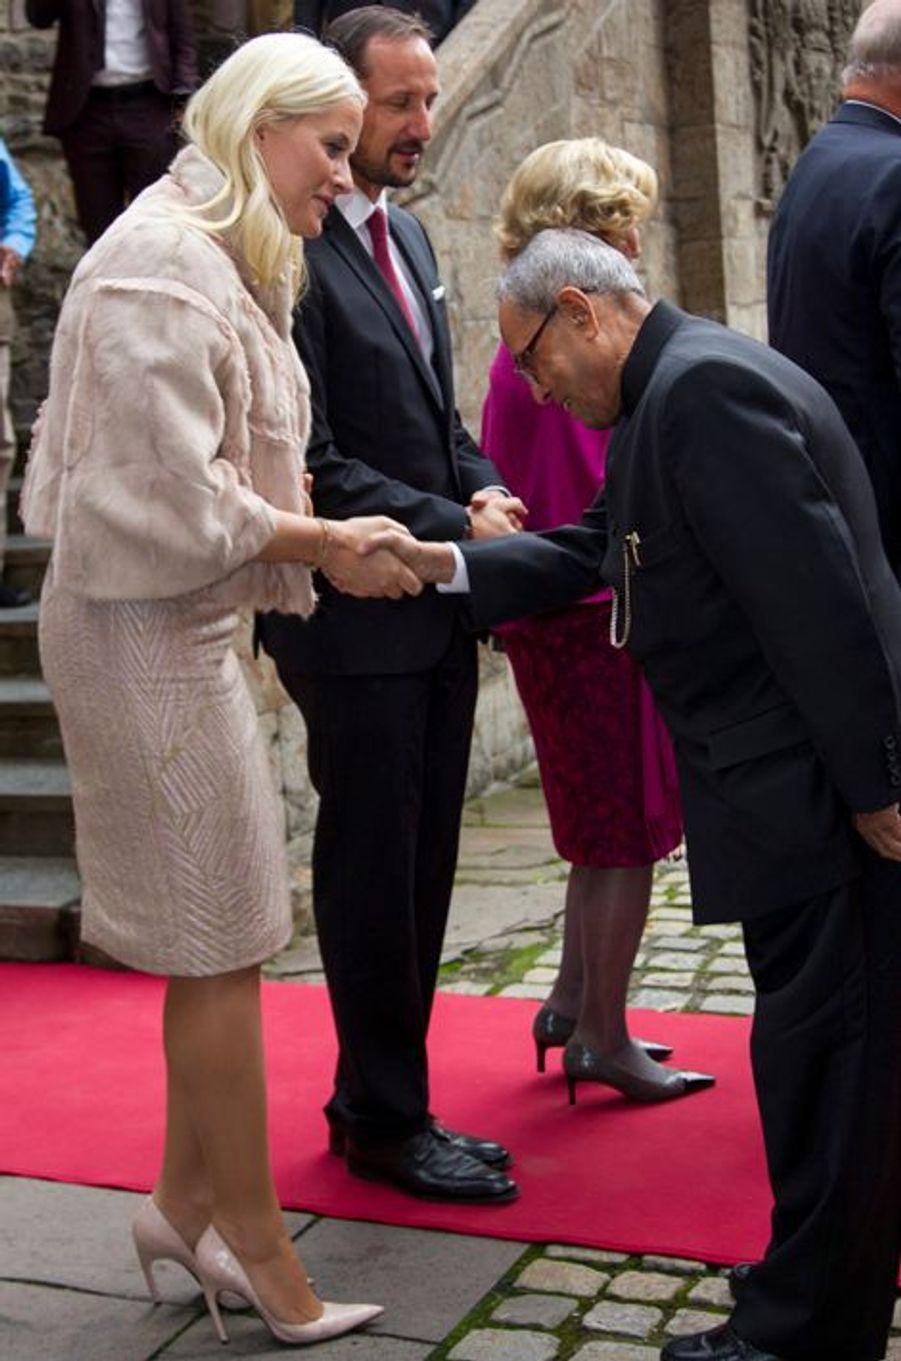 La princesse Mette-Marit de Norvège et le président indien Pranab Mukherjee à Oslo le 14 octobre 2014